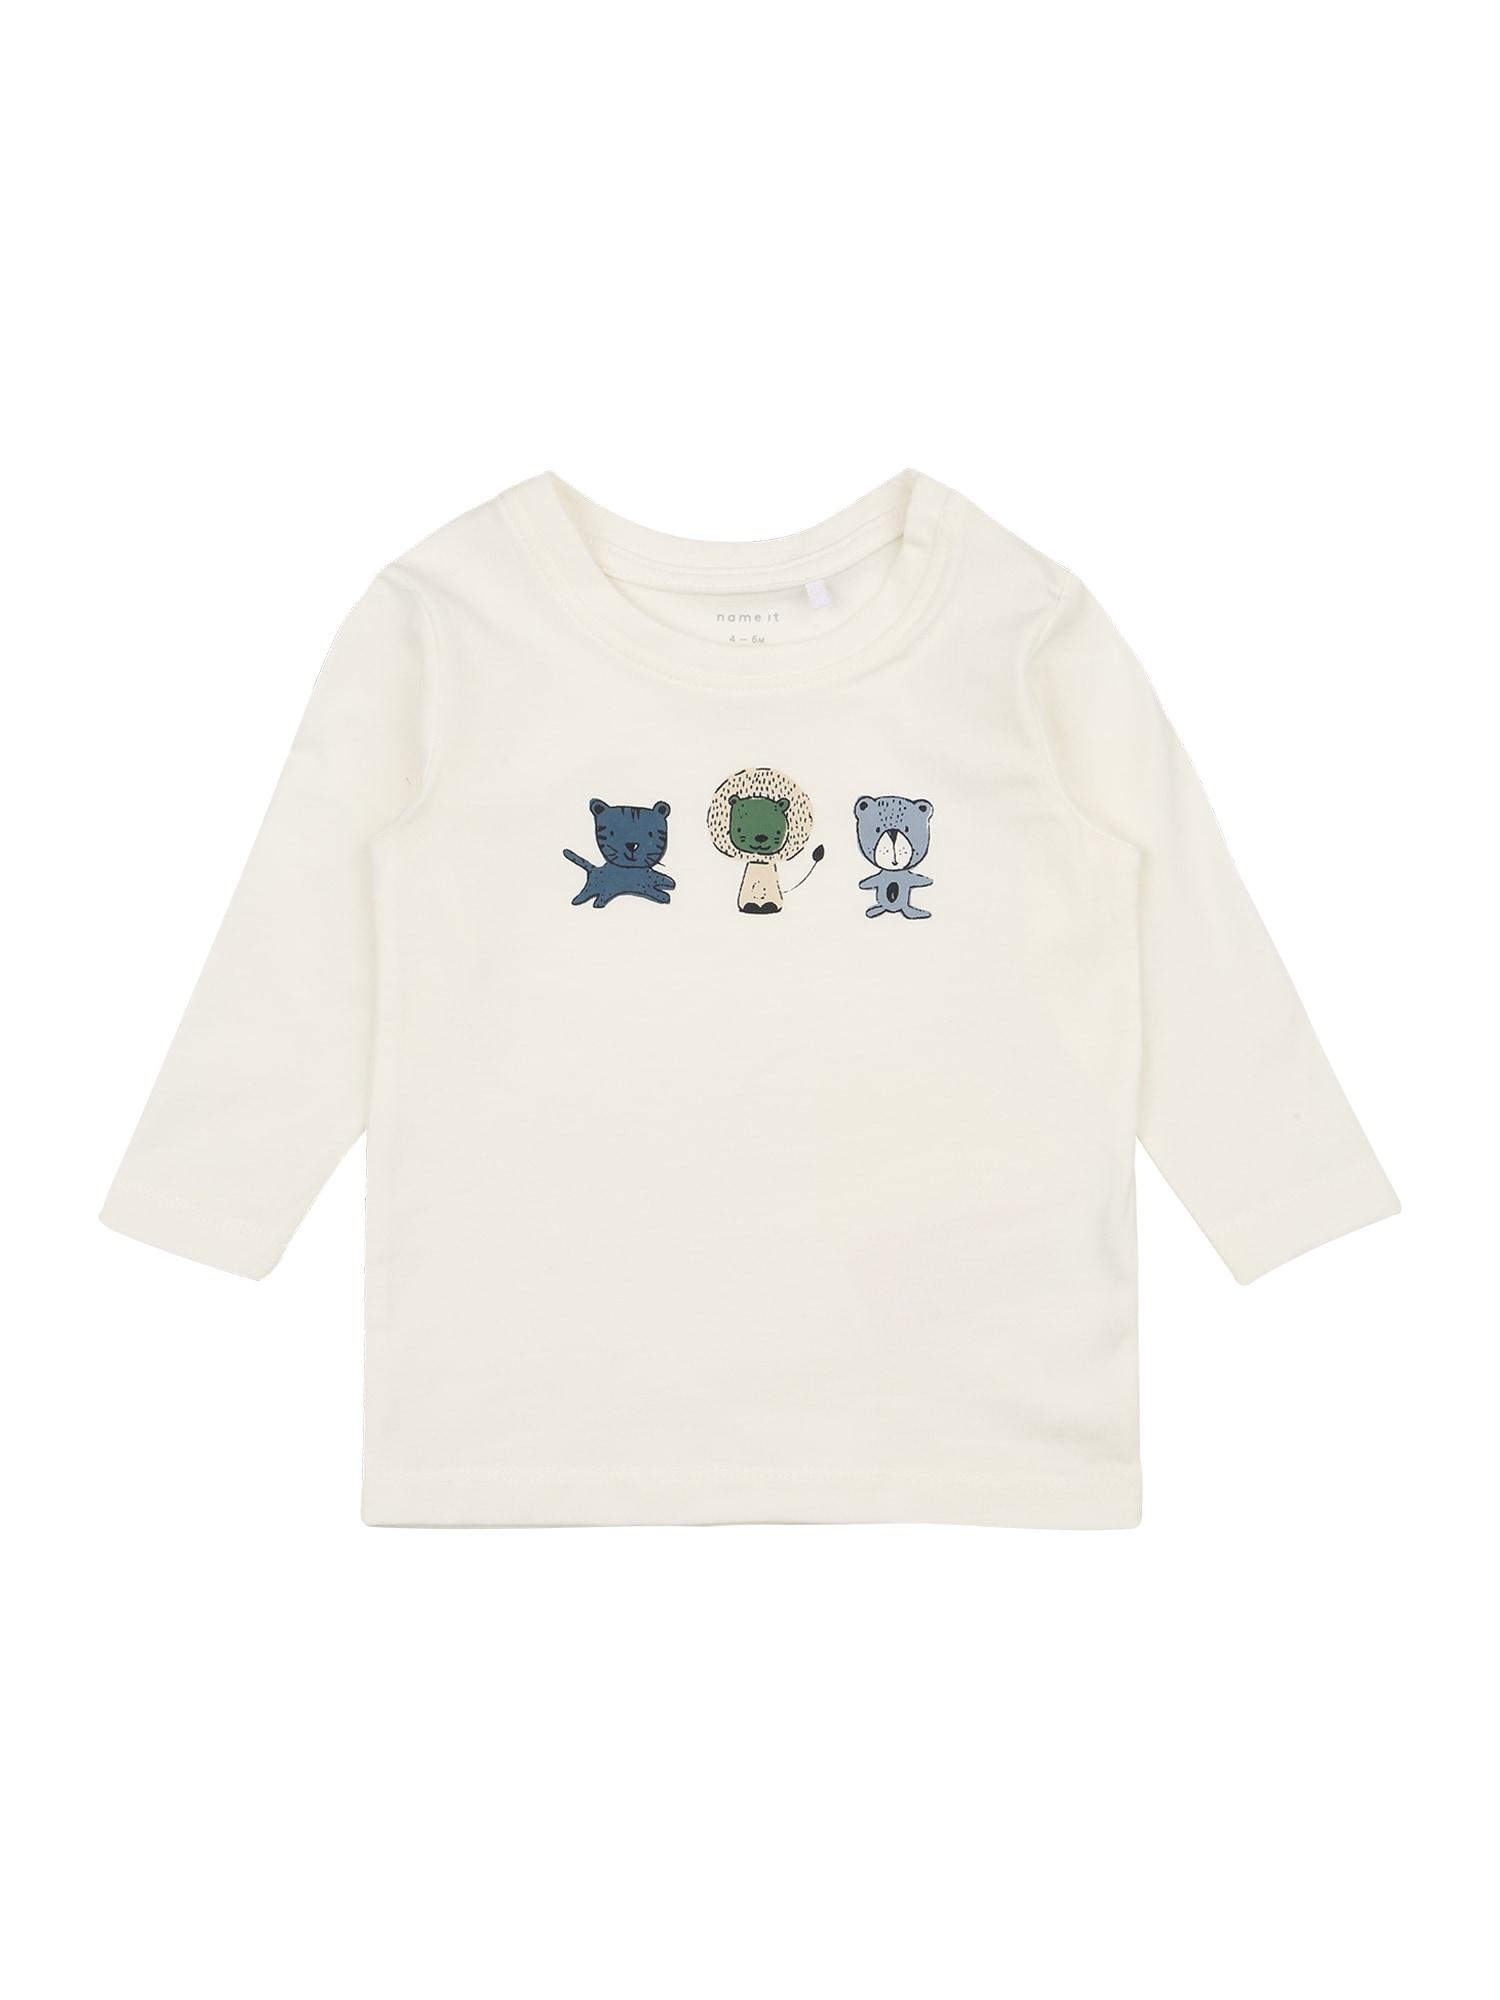 NAME IT Marškinėliai 'TEMEN' balta / mėlyna dūmų spalva / žalia / pastelinė geltona